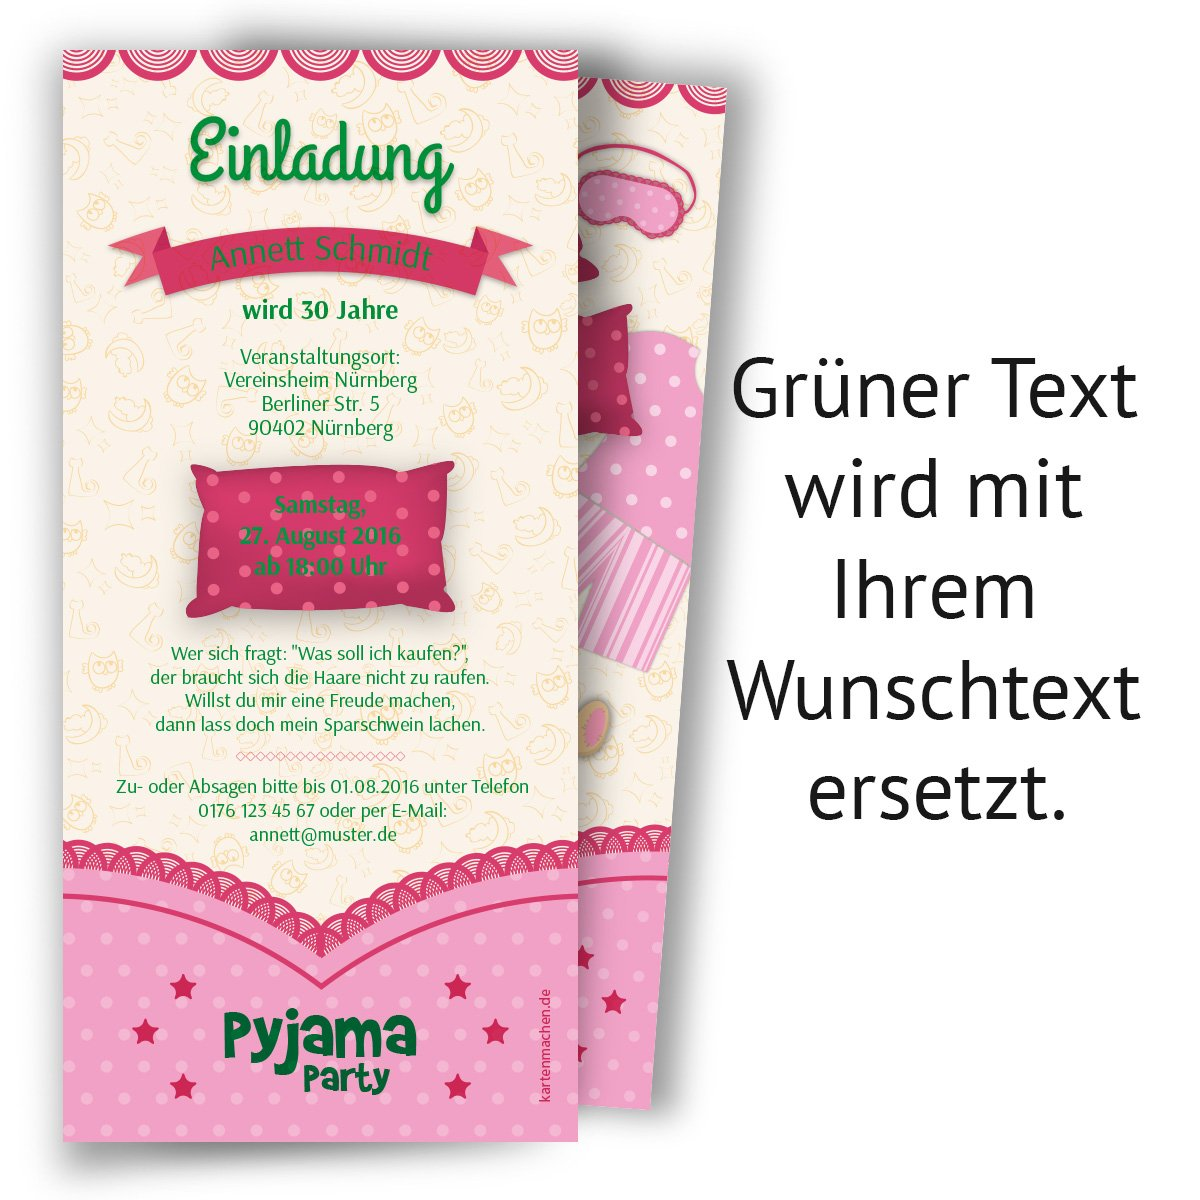 Einladungen (10 Stück) Pyjama Party Geburtstag Übernachtung Einladungskarten:  Amazon.de: Bürobedarf U0026 Schreibwaren